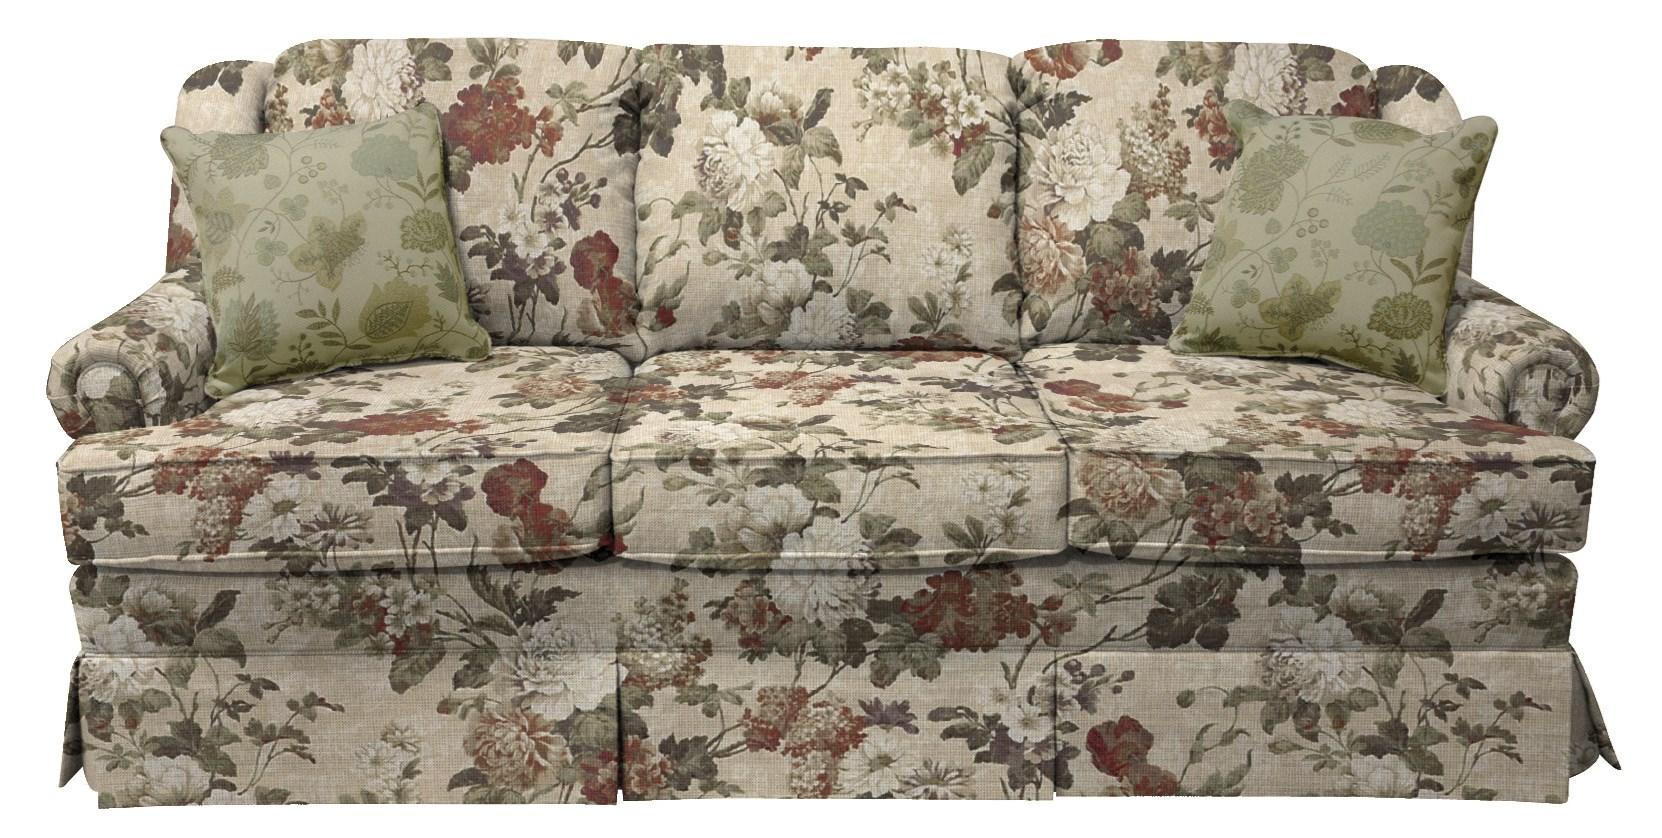 england rochelle 4009 air mattress queen size sleeper sofa